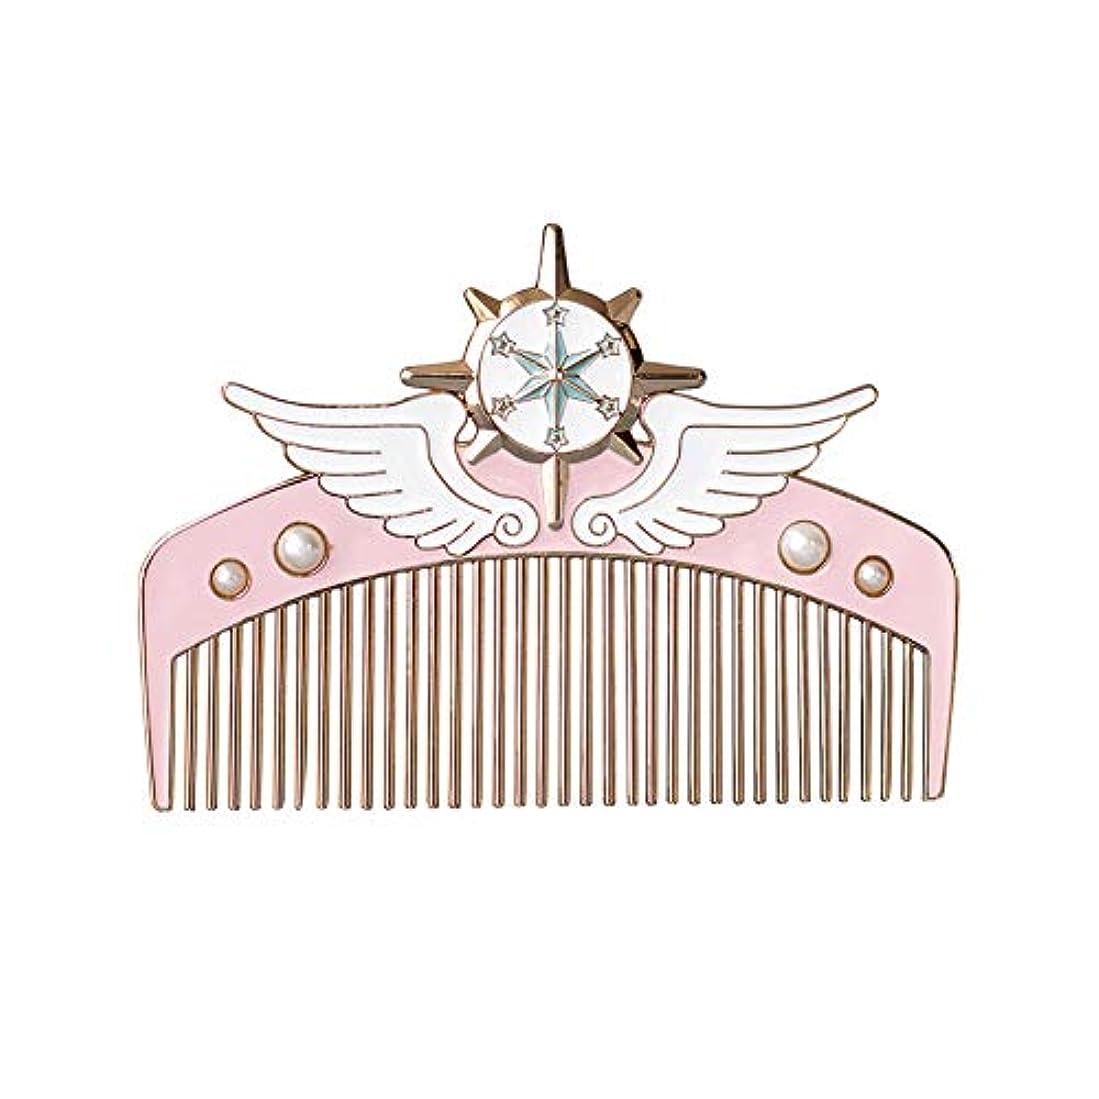 脱臼する論争的グラディスライフ小屋 櫛 ヘアブラシ カードキャプターさくら セーラームーン 可愛い ピンク 細歯 夢の杖櫛 半月形 ヘアブラシ 子供の髪 贈り物 プレゼント